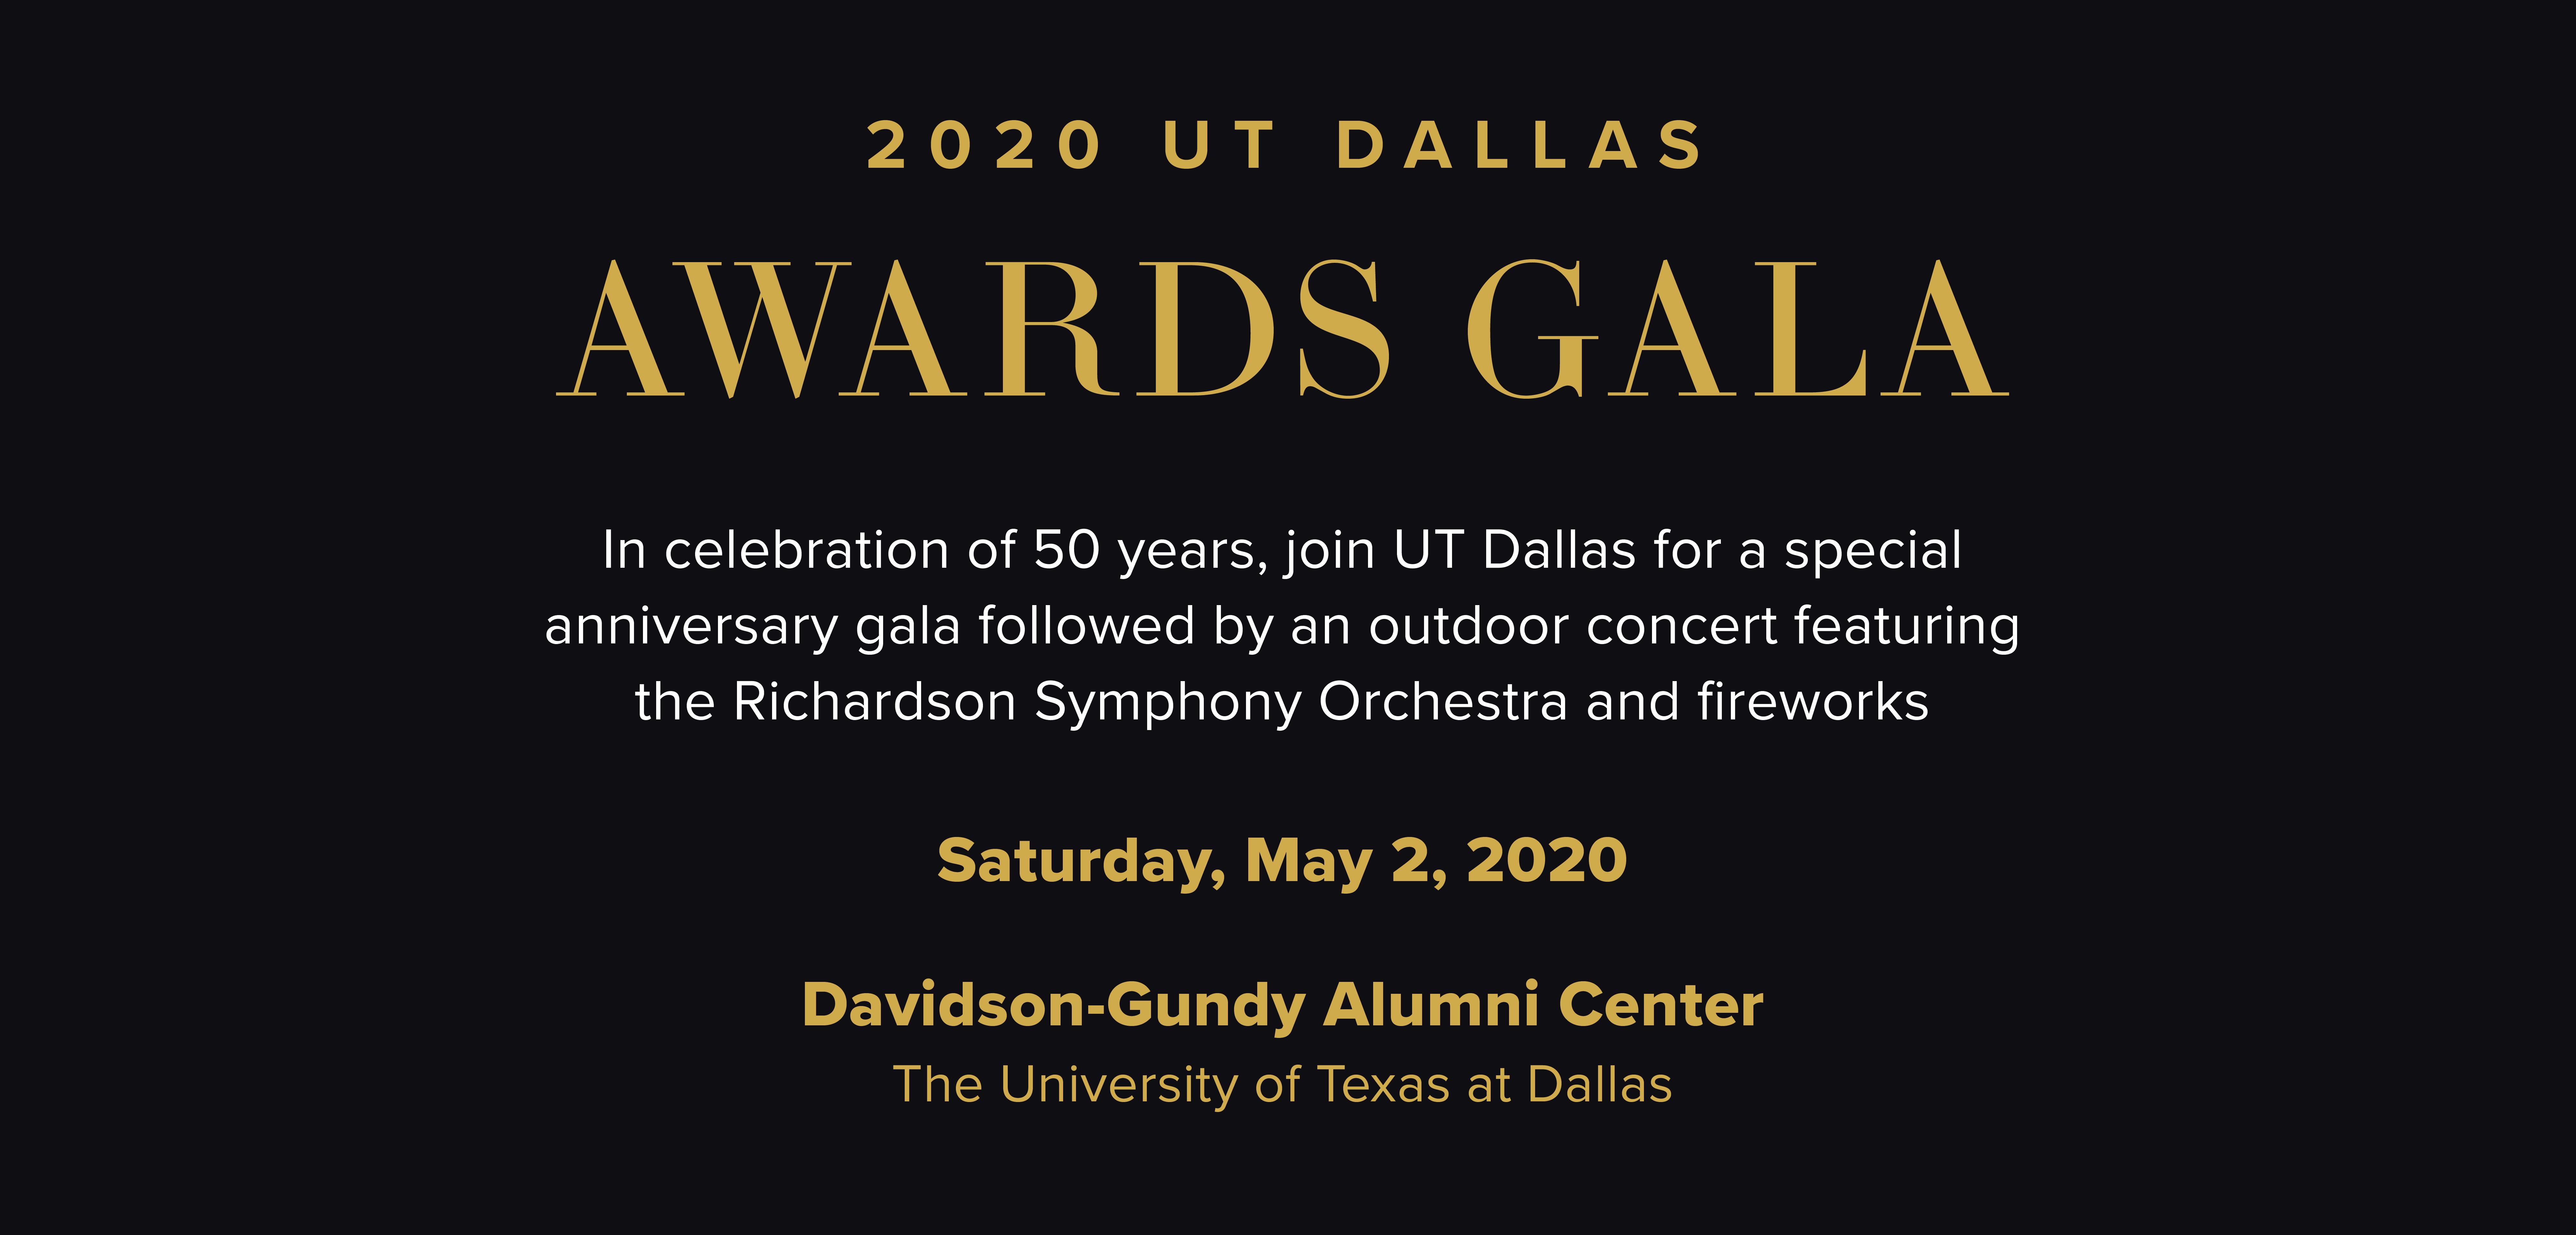 2020 UT Dallas Awards Gala